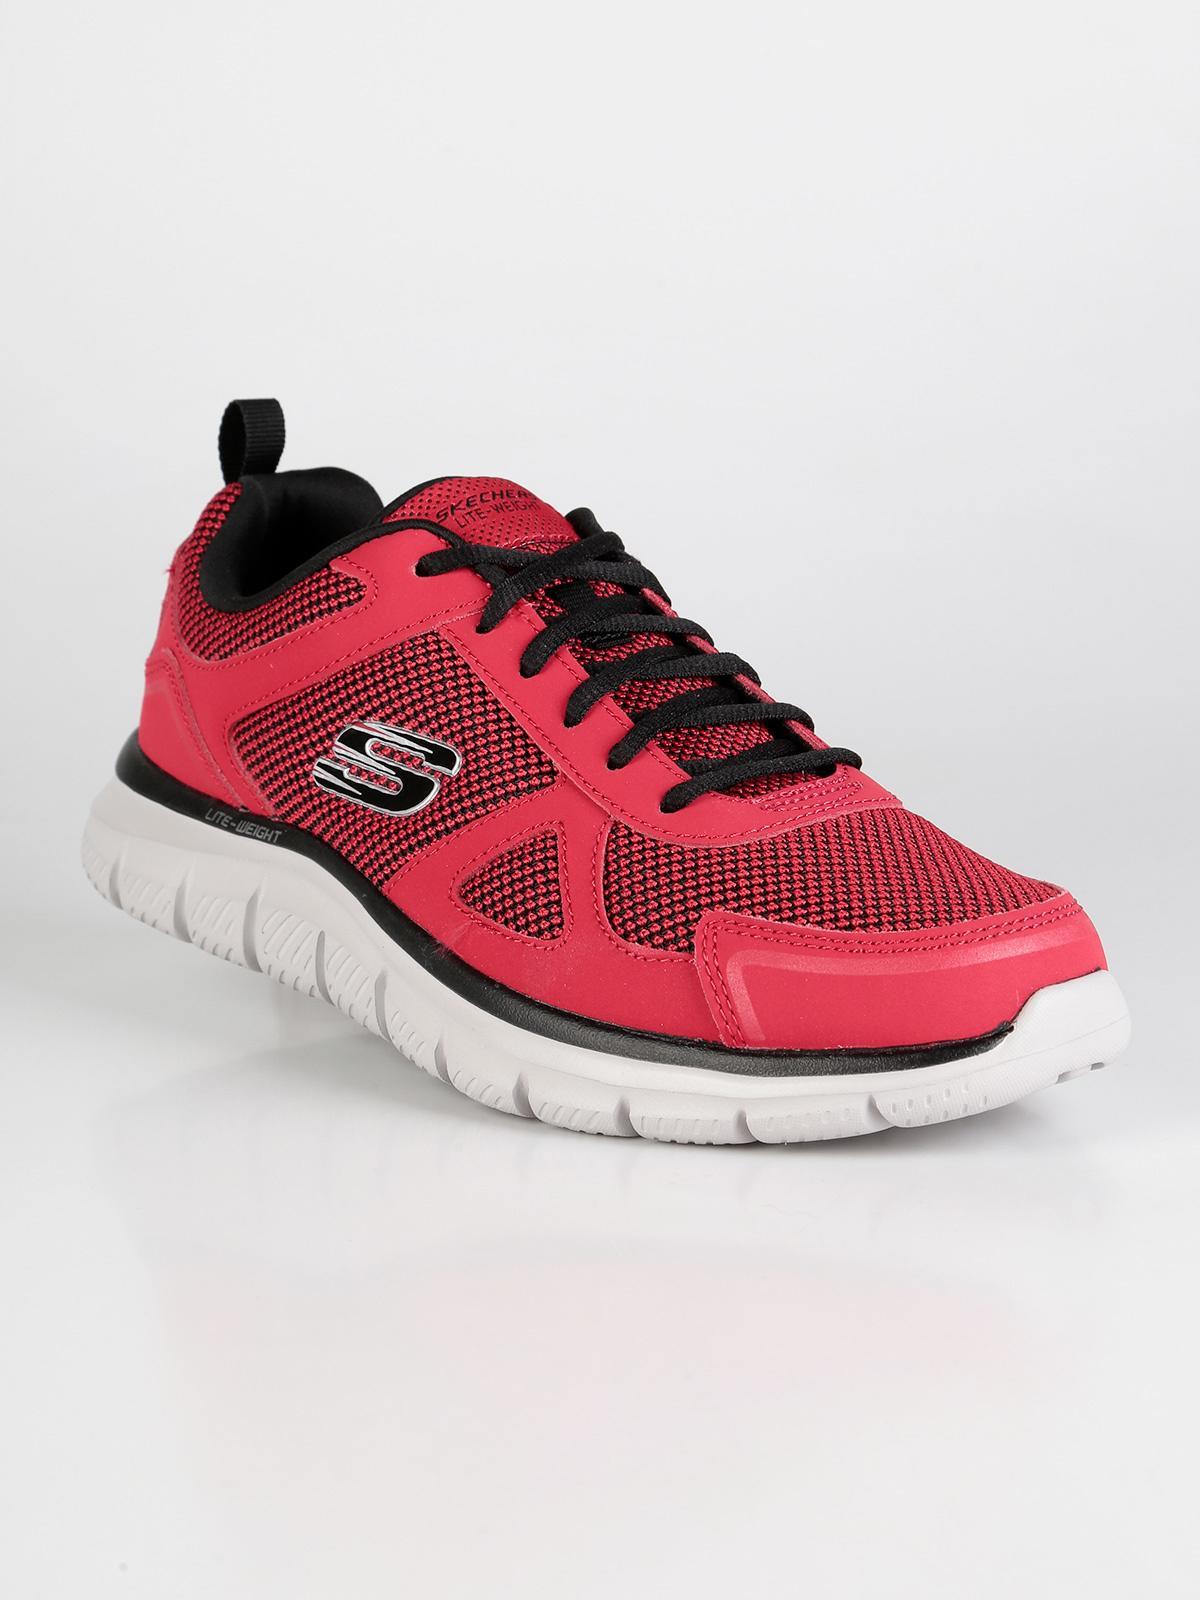 Bucolo - Scarpe sportive rosse skechers | MecShopping